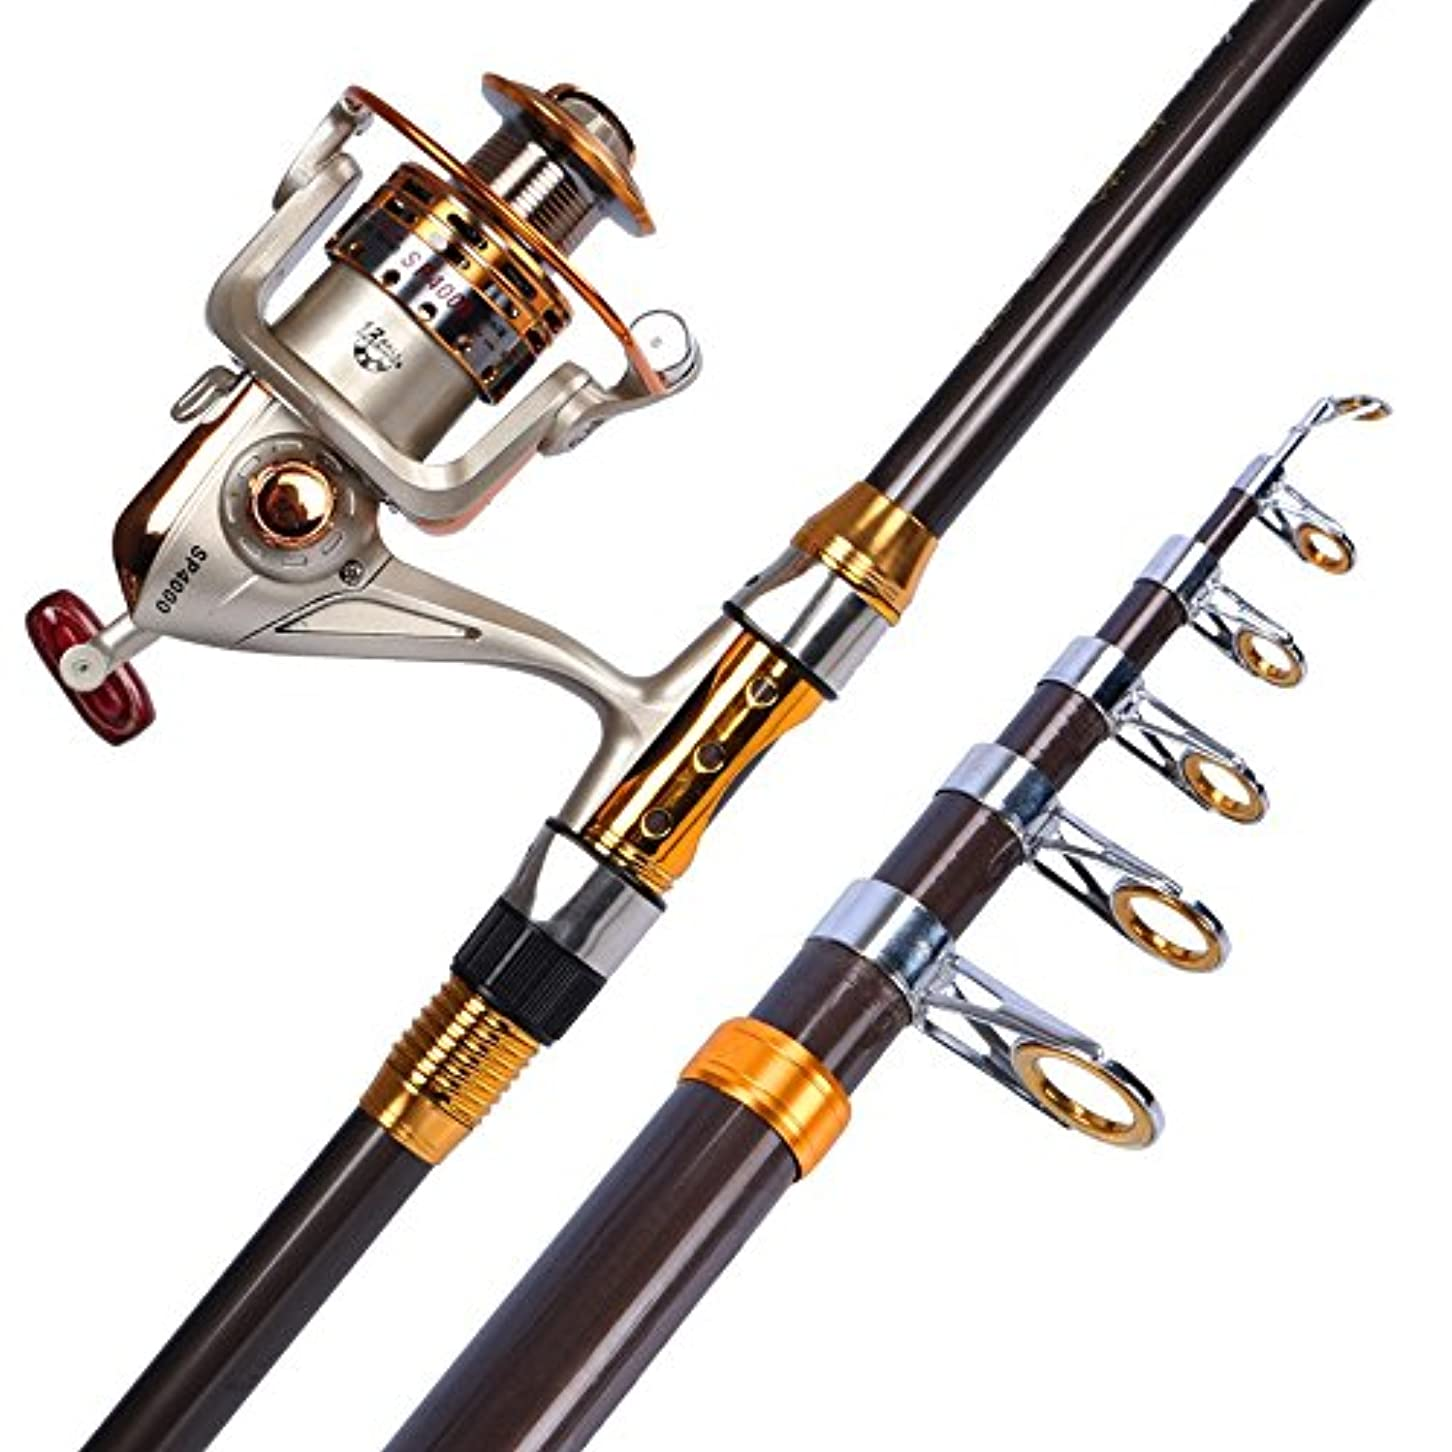 一晩レッスン間違えたLHA フライロッド 釣りロッドとリールアセンブリキットテレスコピック回転釣りリールギアと釣りアクセサリー